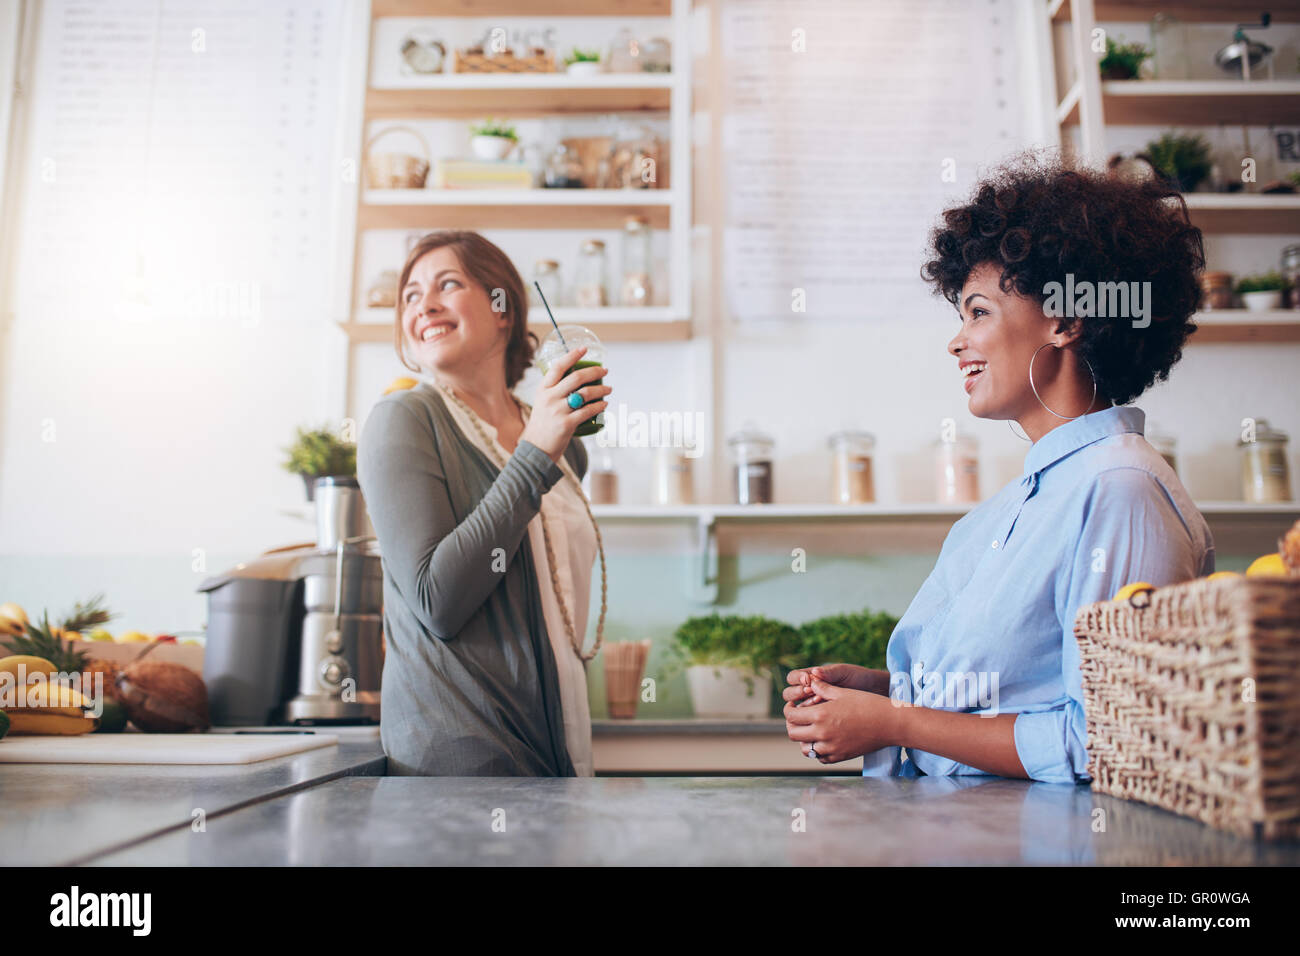 Dos mujeres jóvenes juice bar empleados de pie detrás del mostrador. Las mujeres jóvenes que trabajan Imagen De Stock